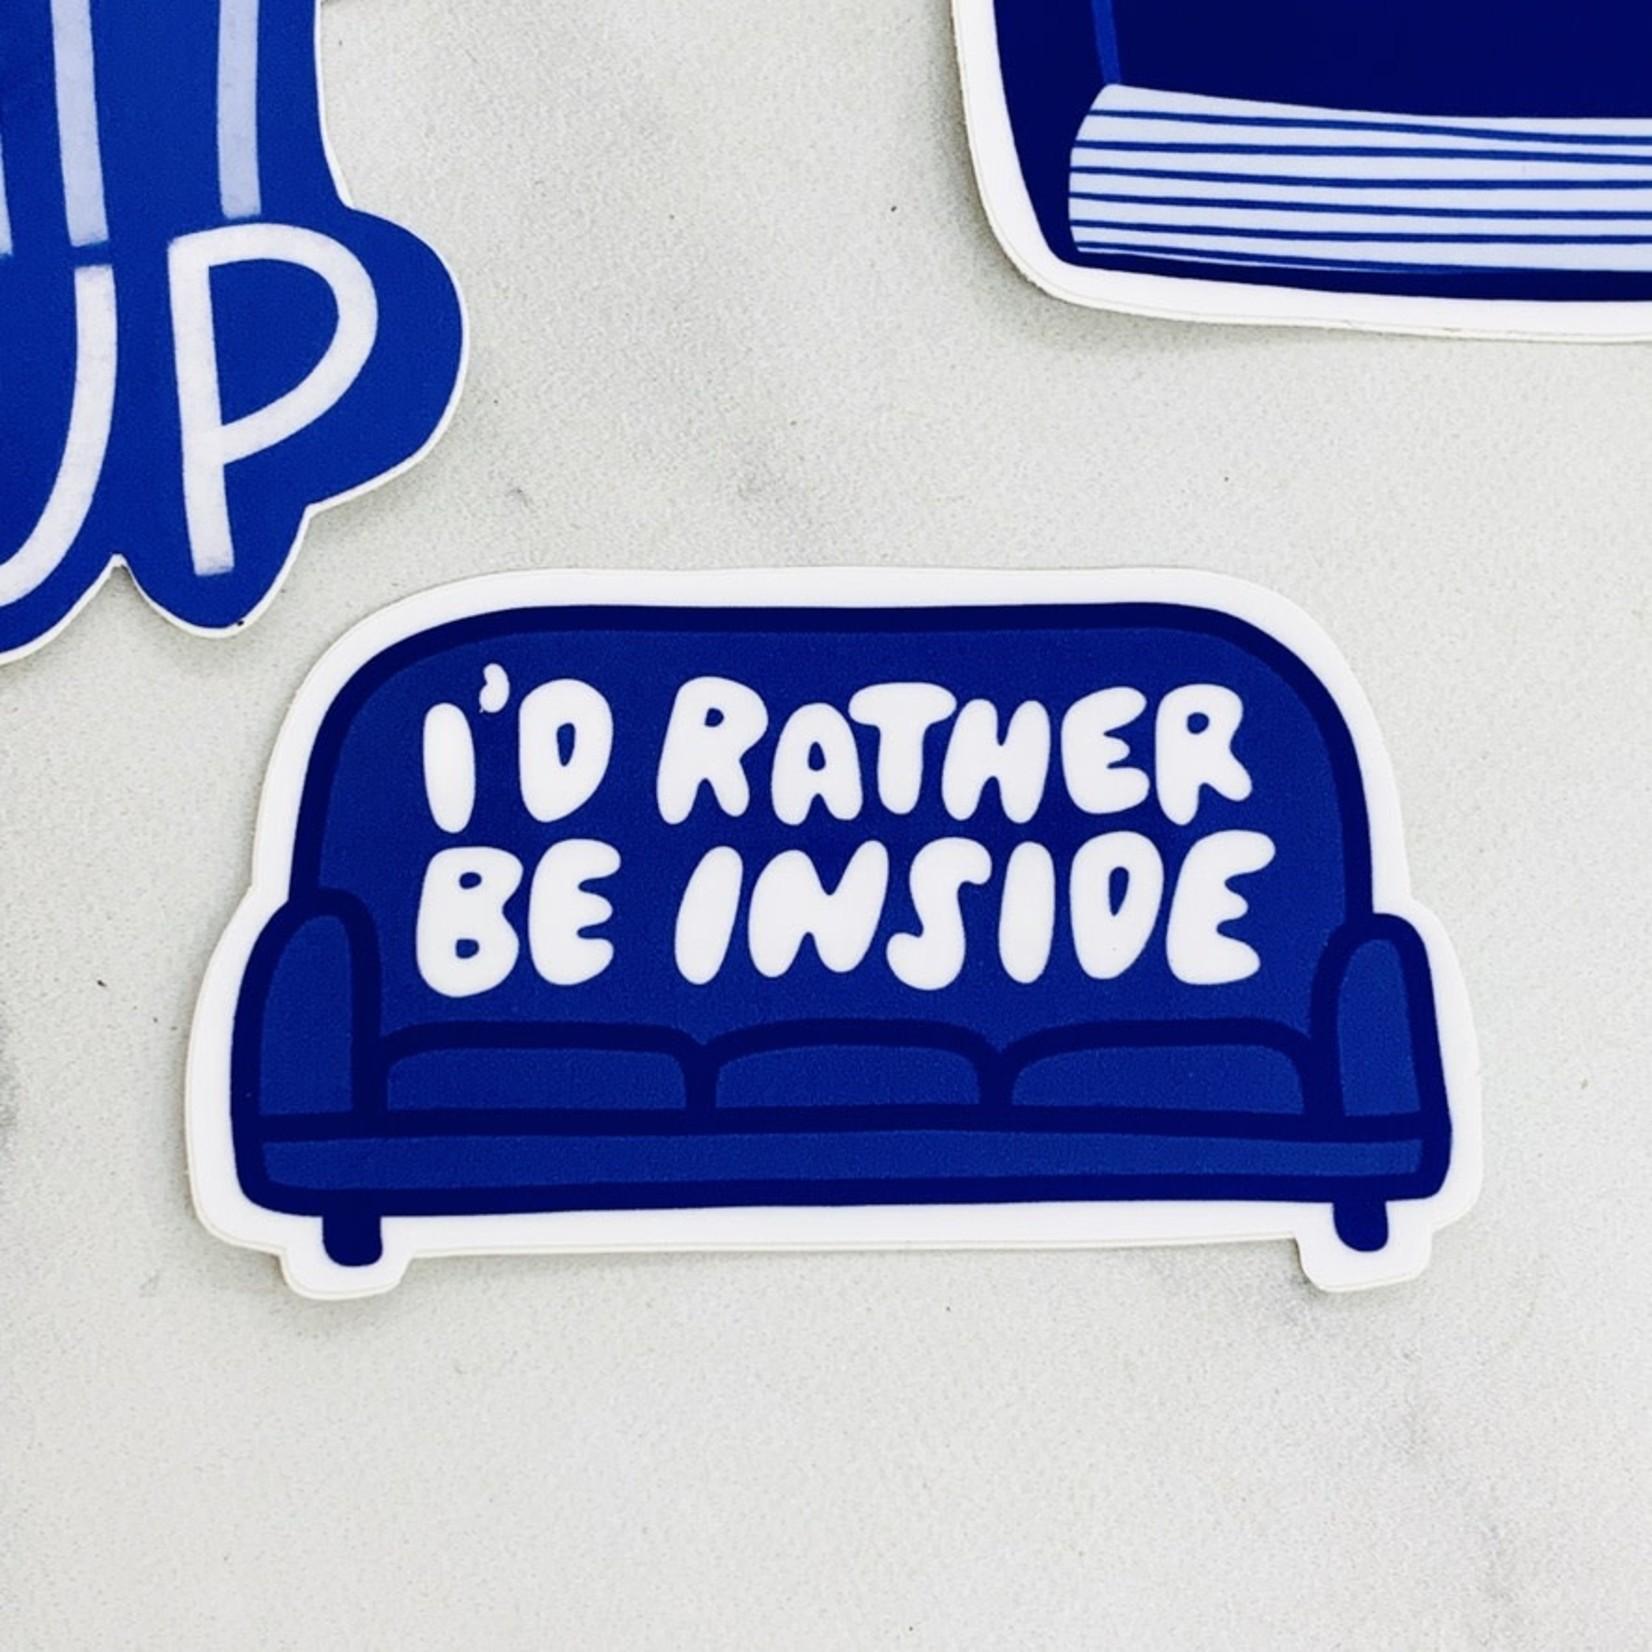 Craft Boner I'd Rather Be Inside Sticker